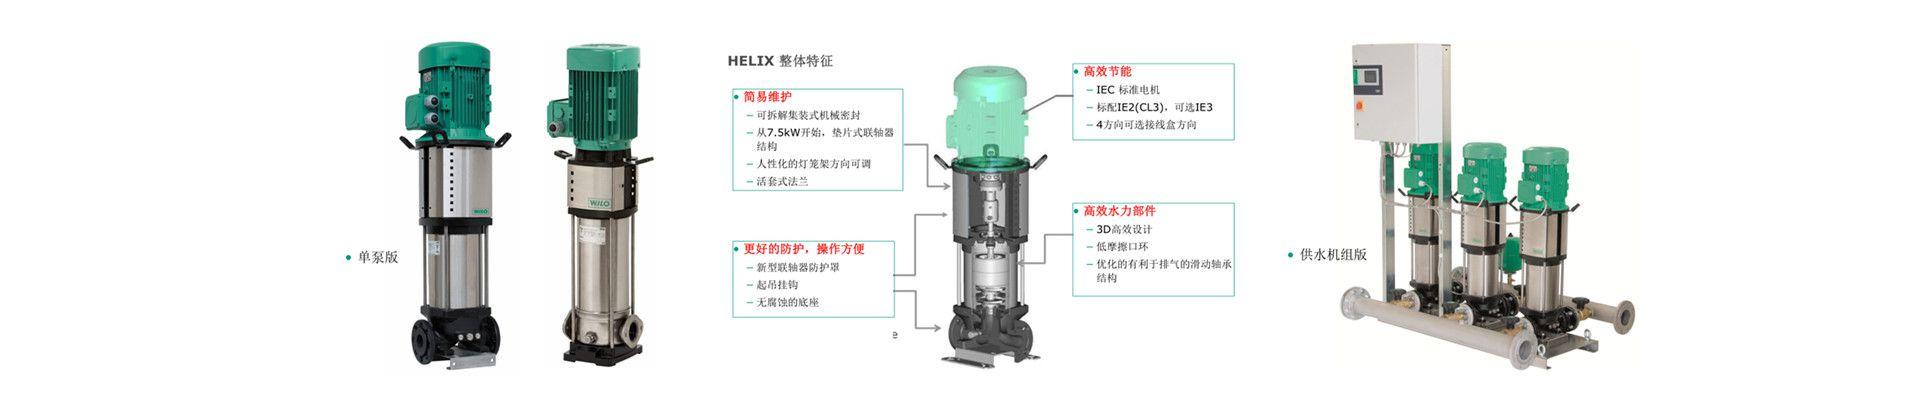 上海倍拉机械设备有限公司